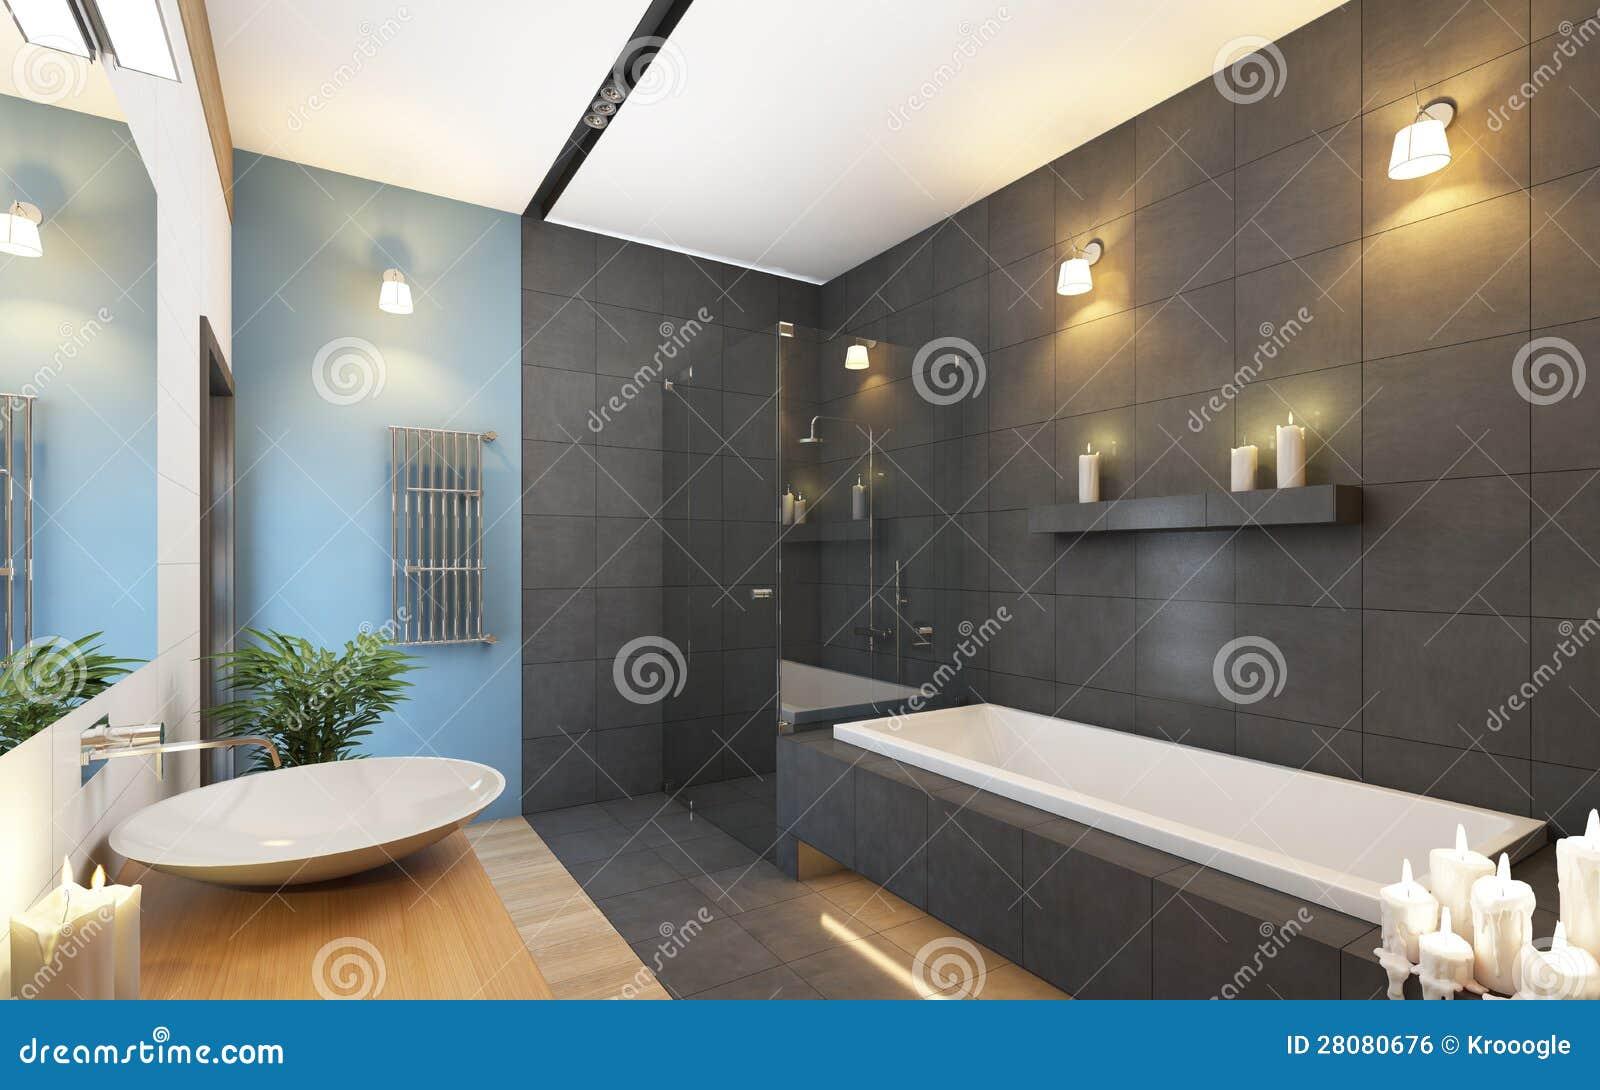 Badezimmer In Den Grauen Farben Stock Abbildung Illustration Von